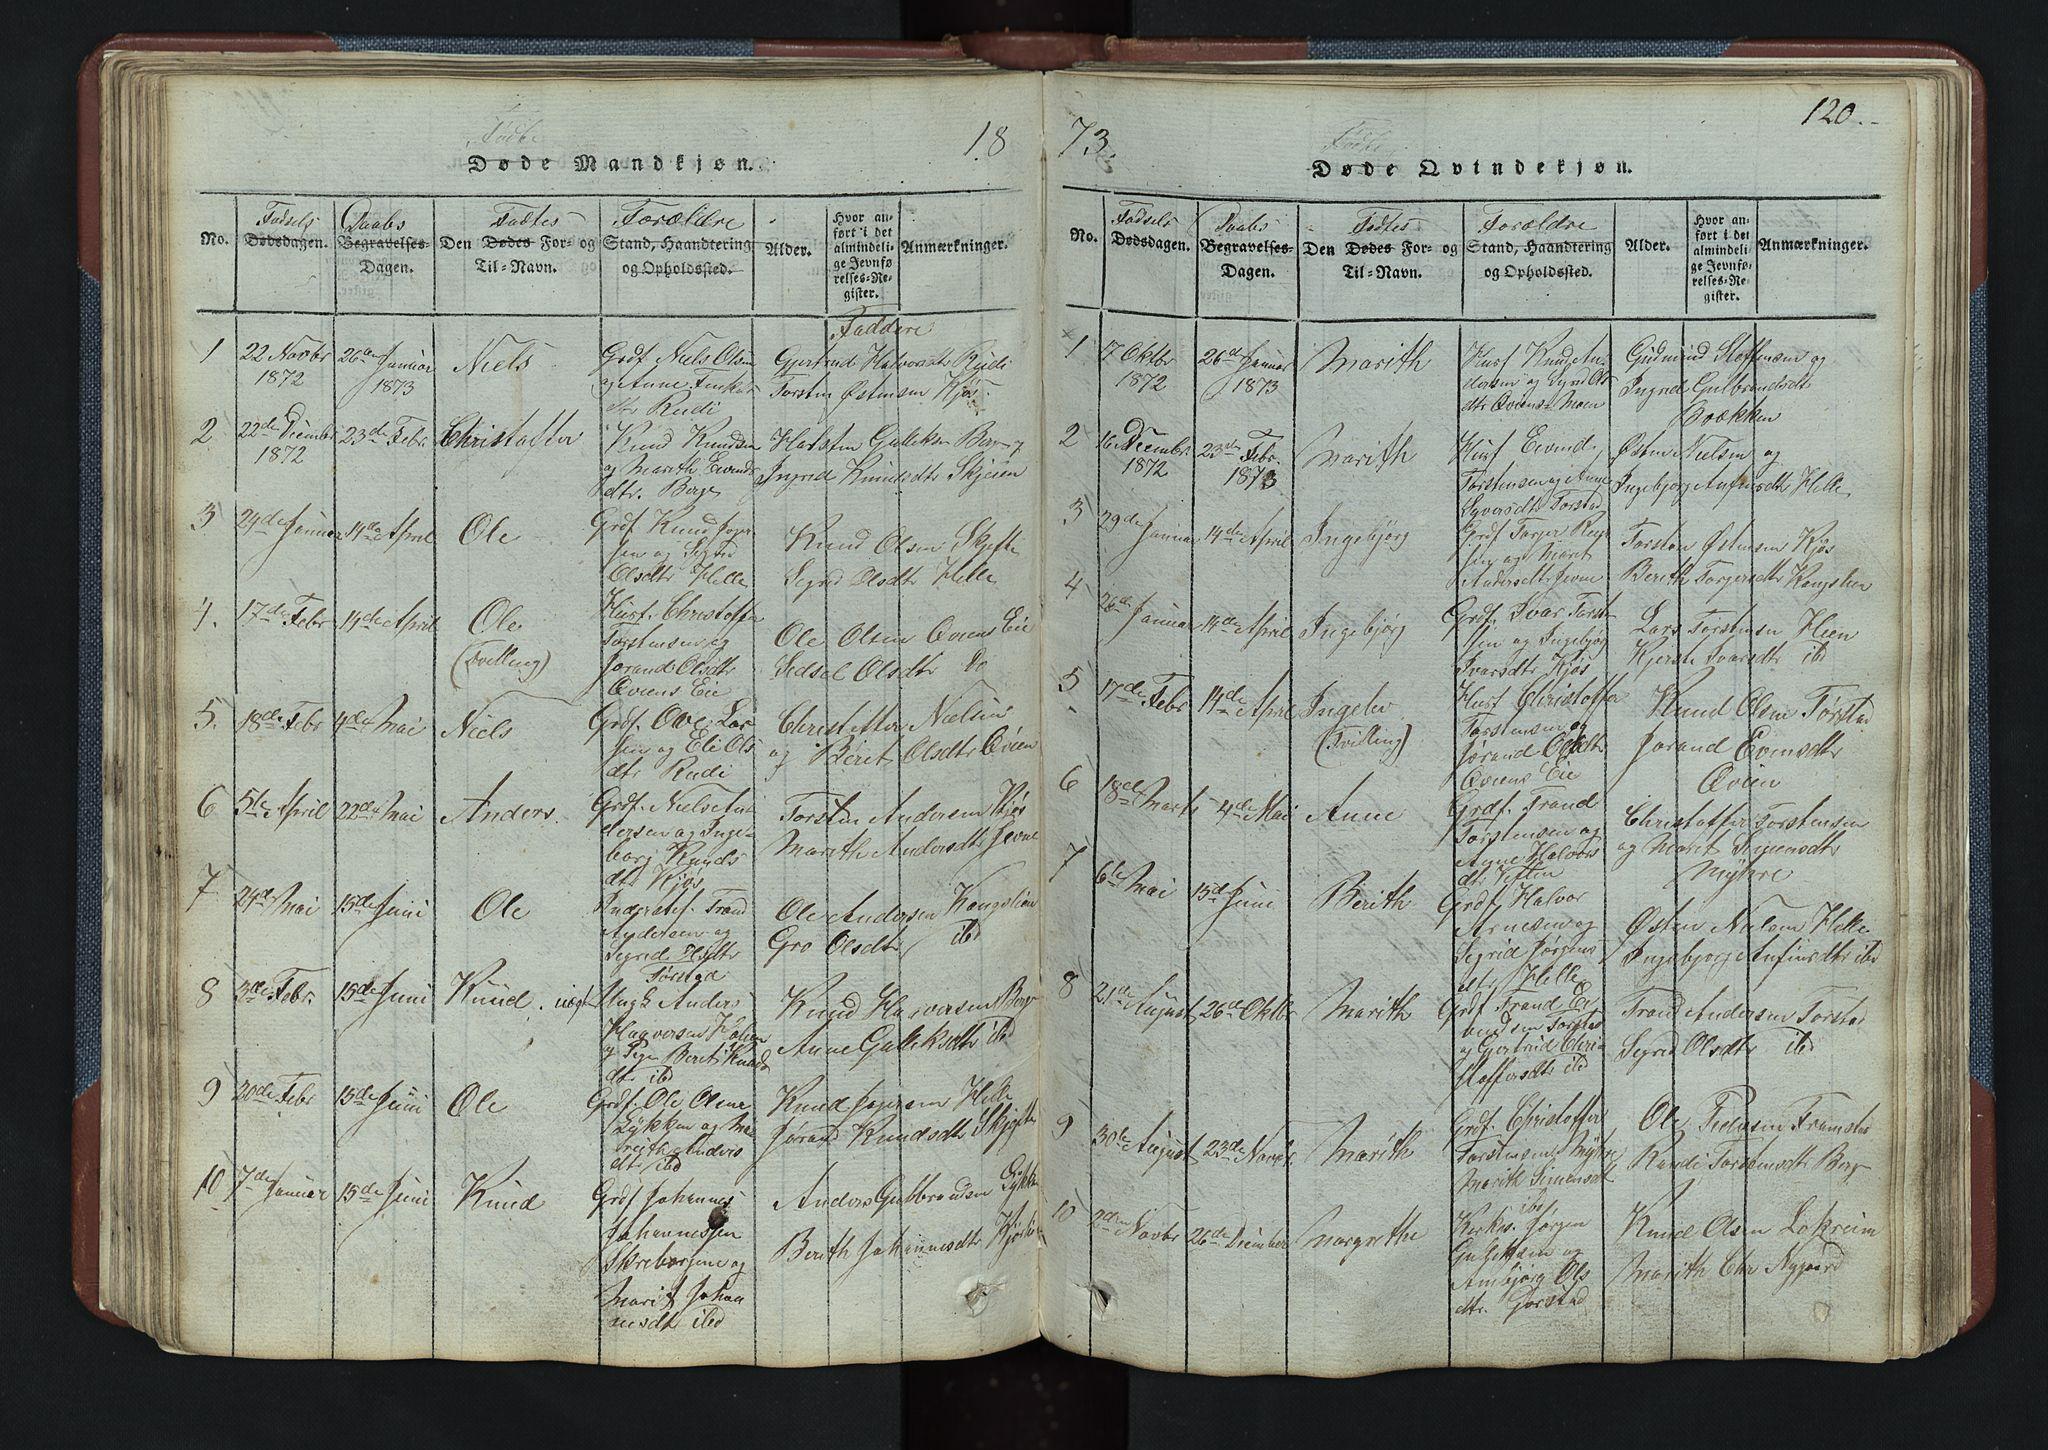 SAH, Vang prestekontor, Valdres, Klokkerbok nr. 3, 1814-1892, s. 120